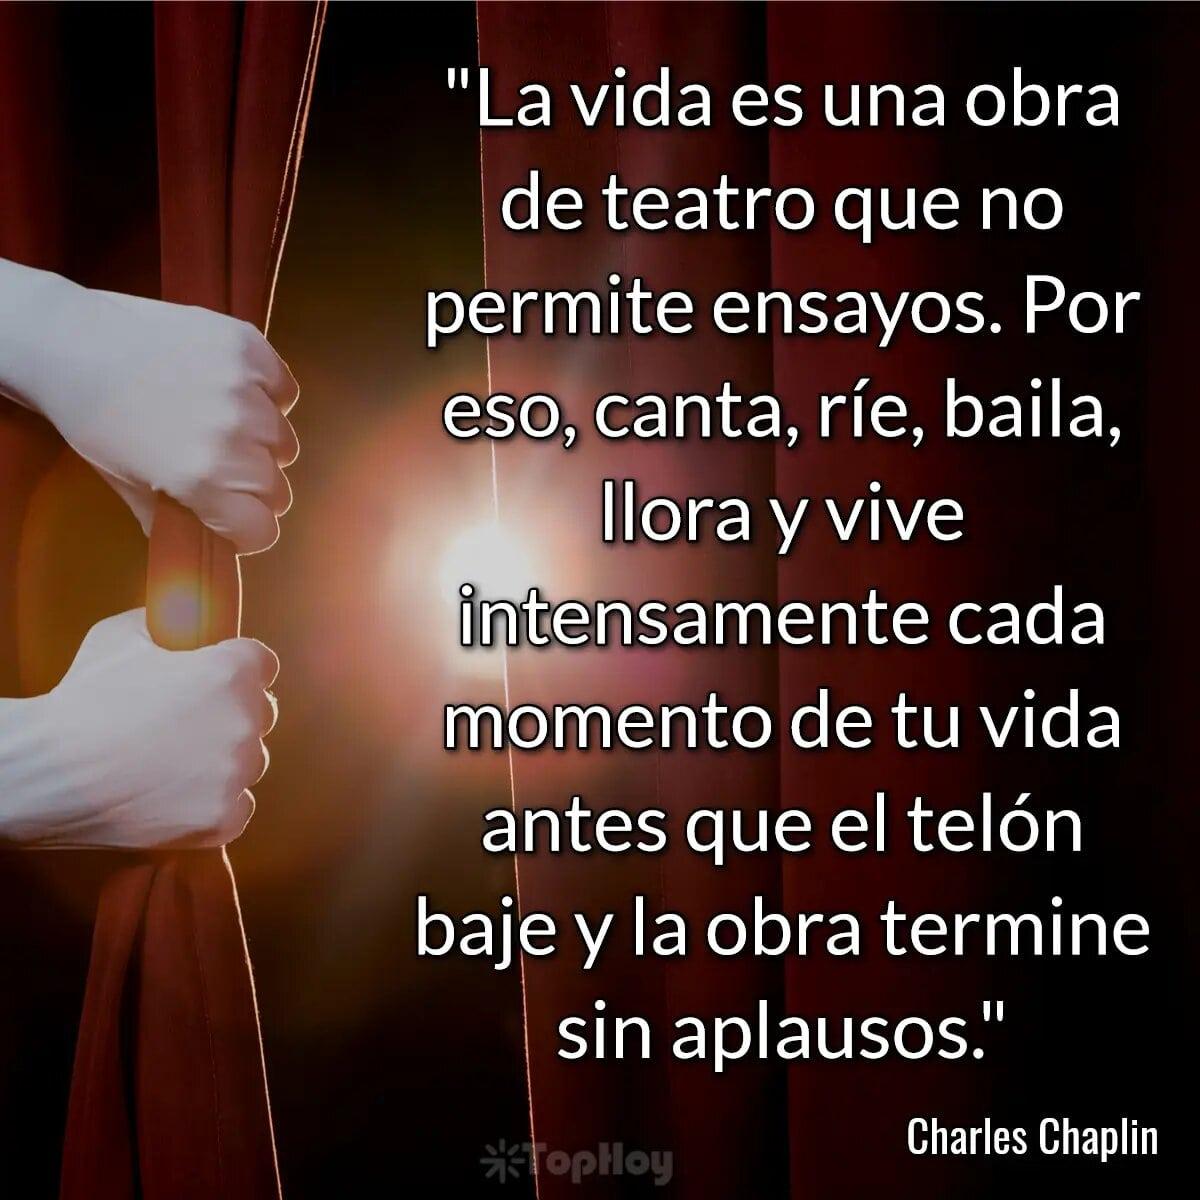 La vida es una obra de teatro que no permite ensayos. Por eso, canta, ríe, baila, llora y vive intensamente cada momento de tu vida antes que el telón baje y la obra termine sin aplausos.